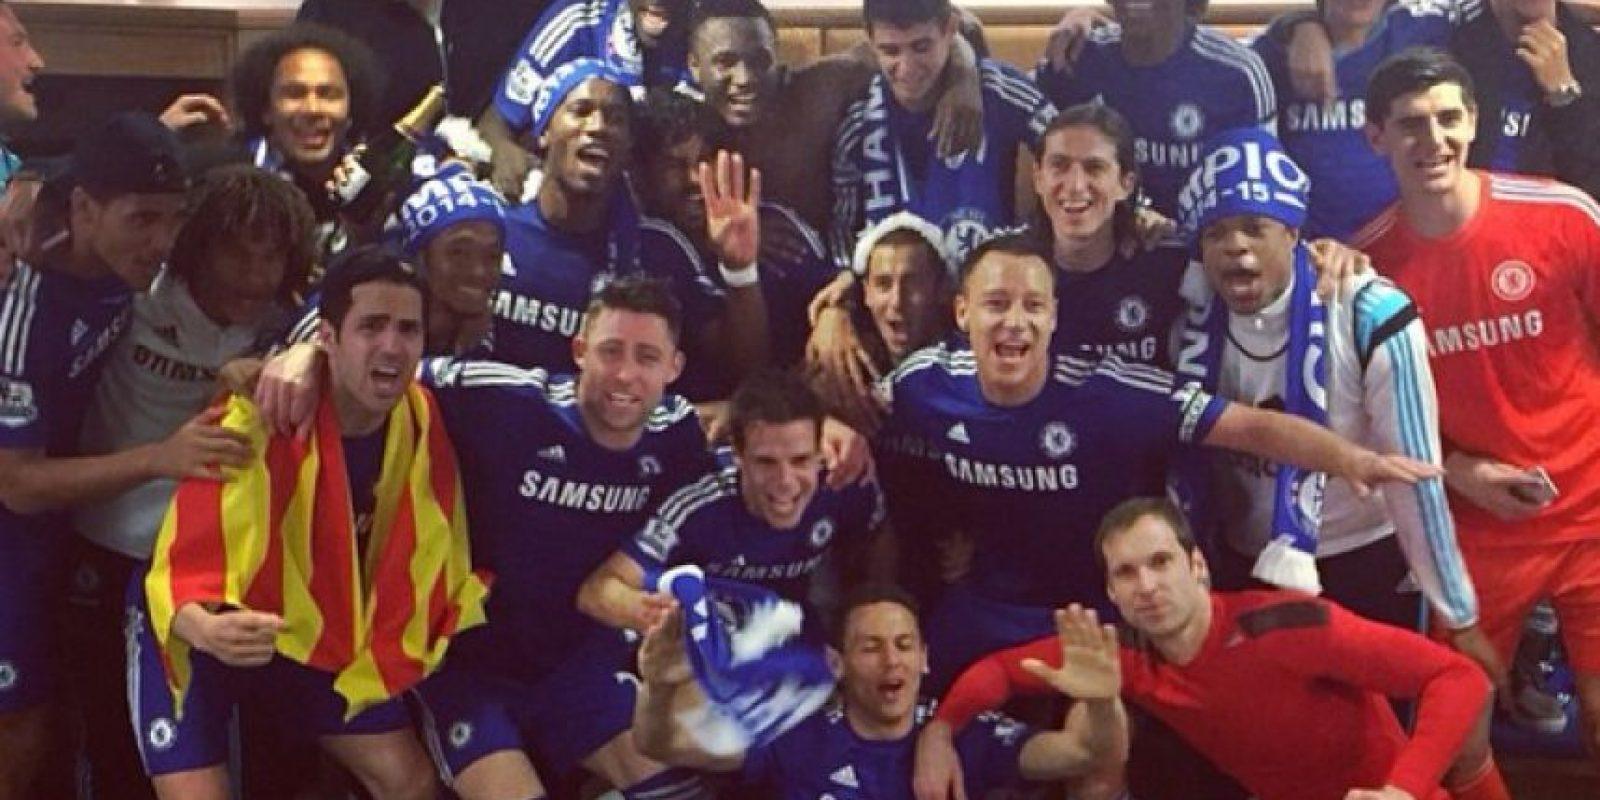 Aquí gran parte del equipo de Jose Mourinho en los festejos. Foto:Vía instagram.com/garyjcahill